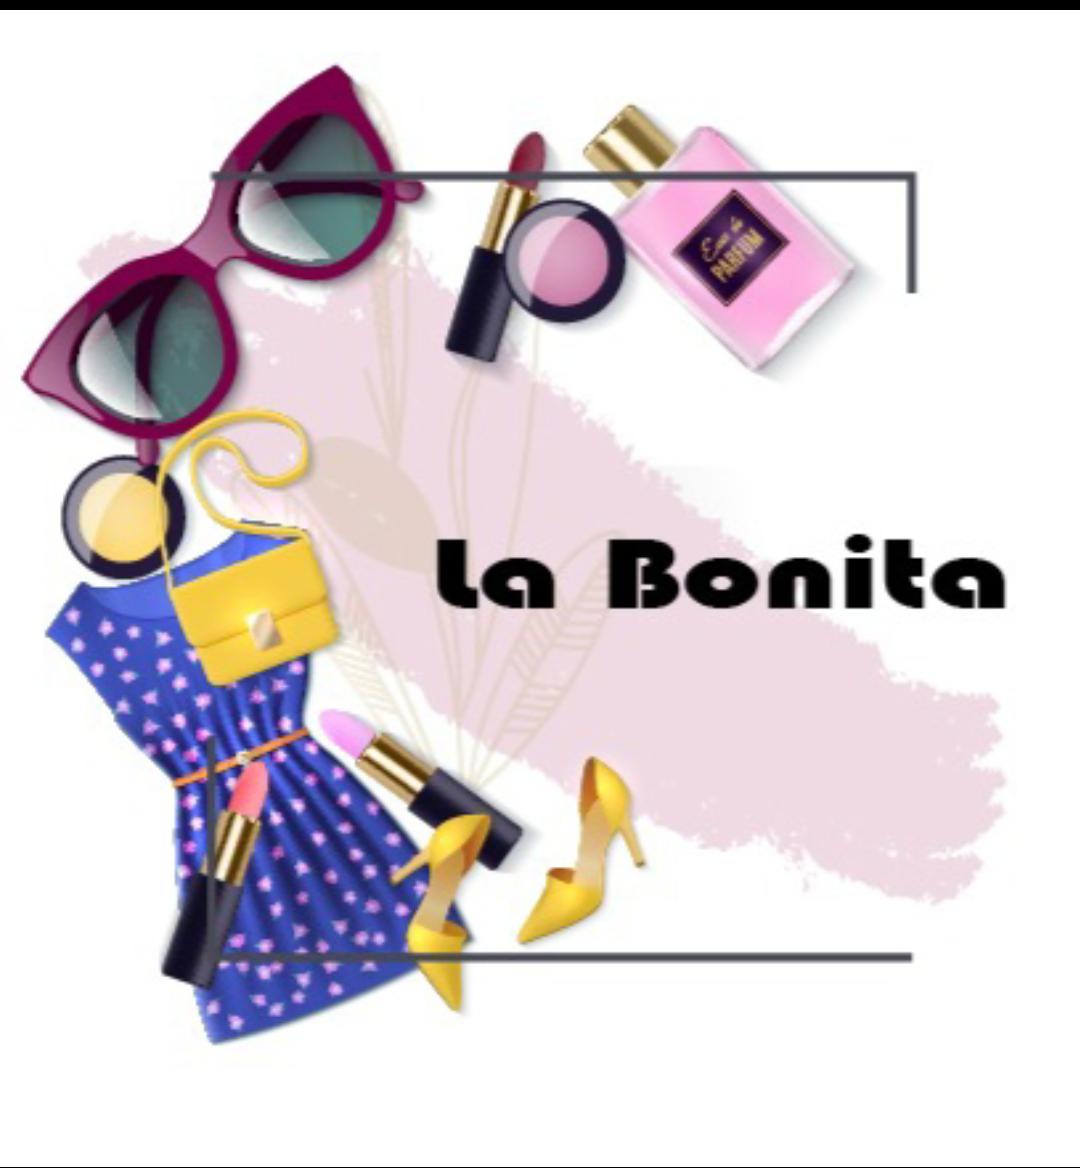 Labonita - logo